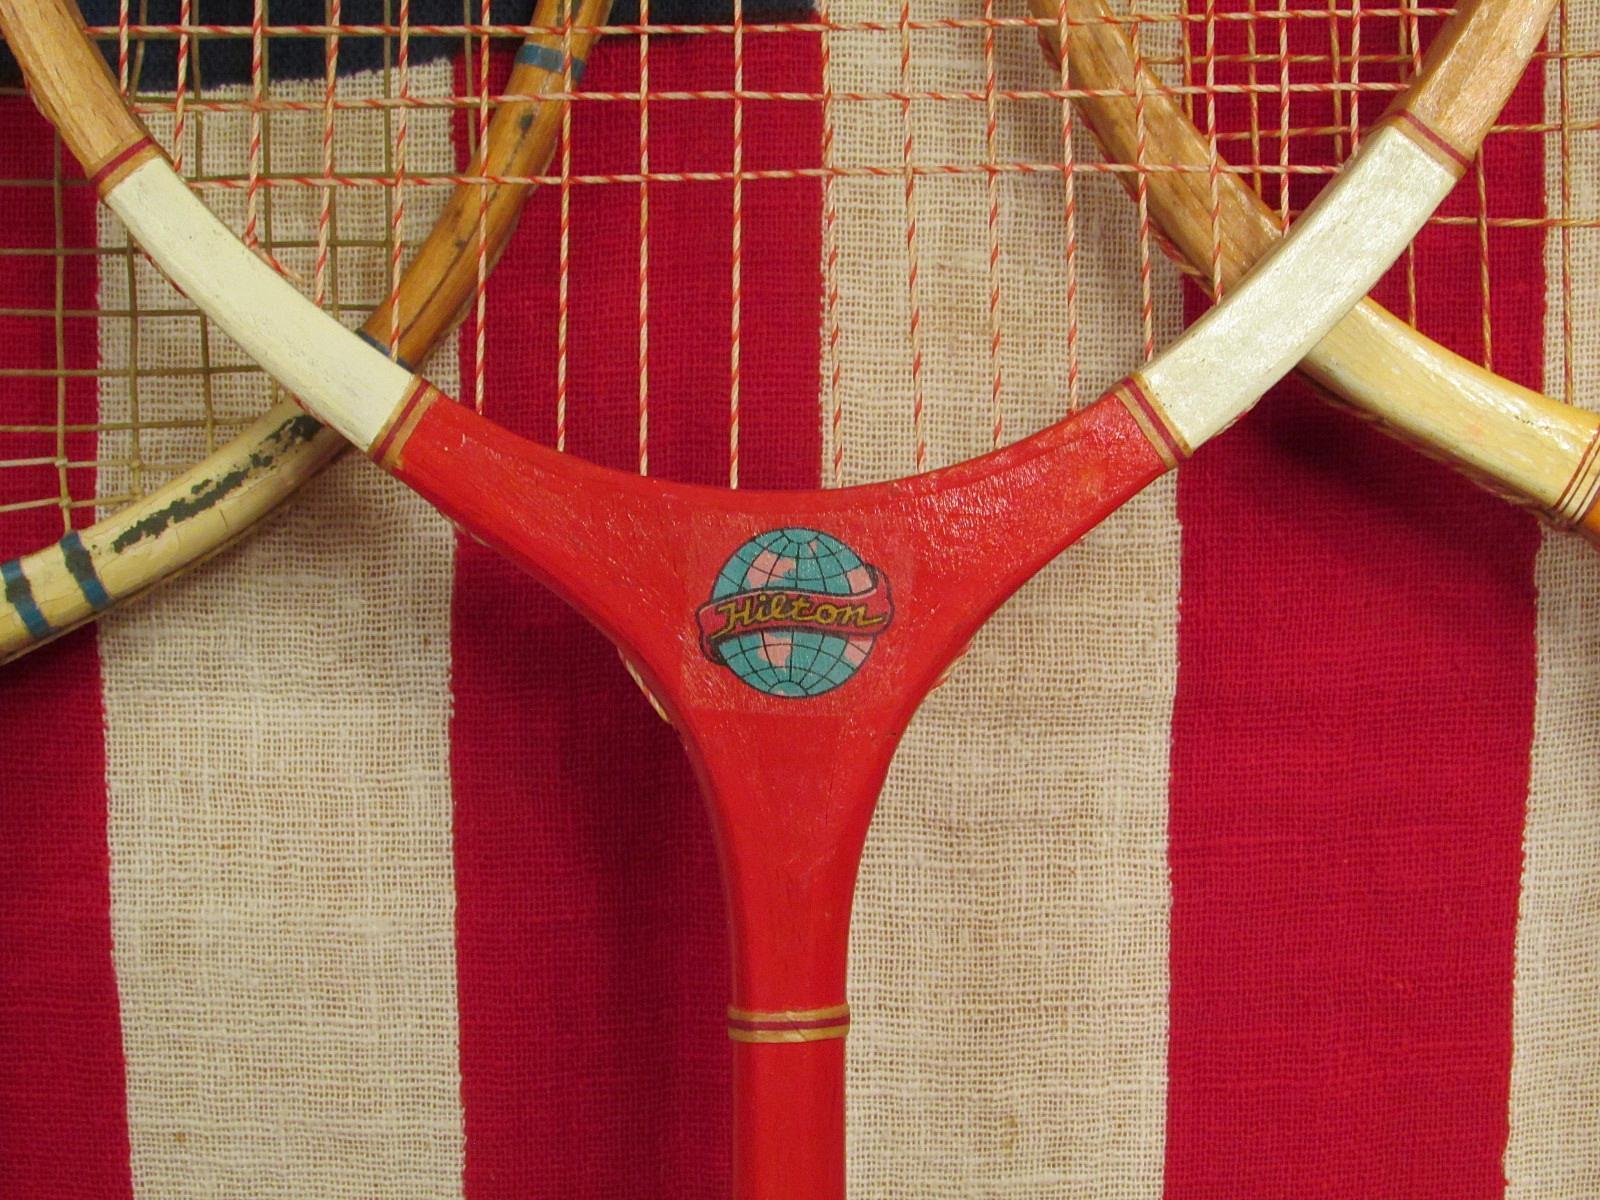 Vintage Holz Badminton Badminton Badminton Schläger 3 Slazenger Hilton Signature Antik Wand Dekor d89588